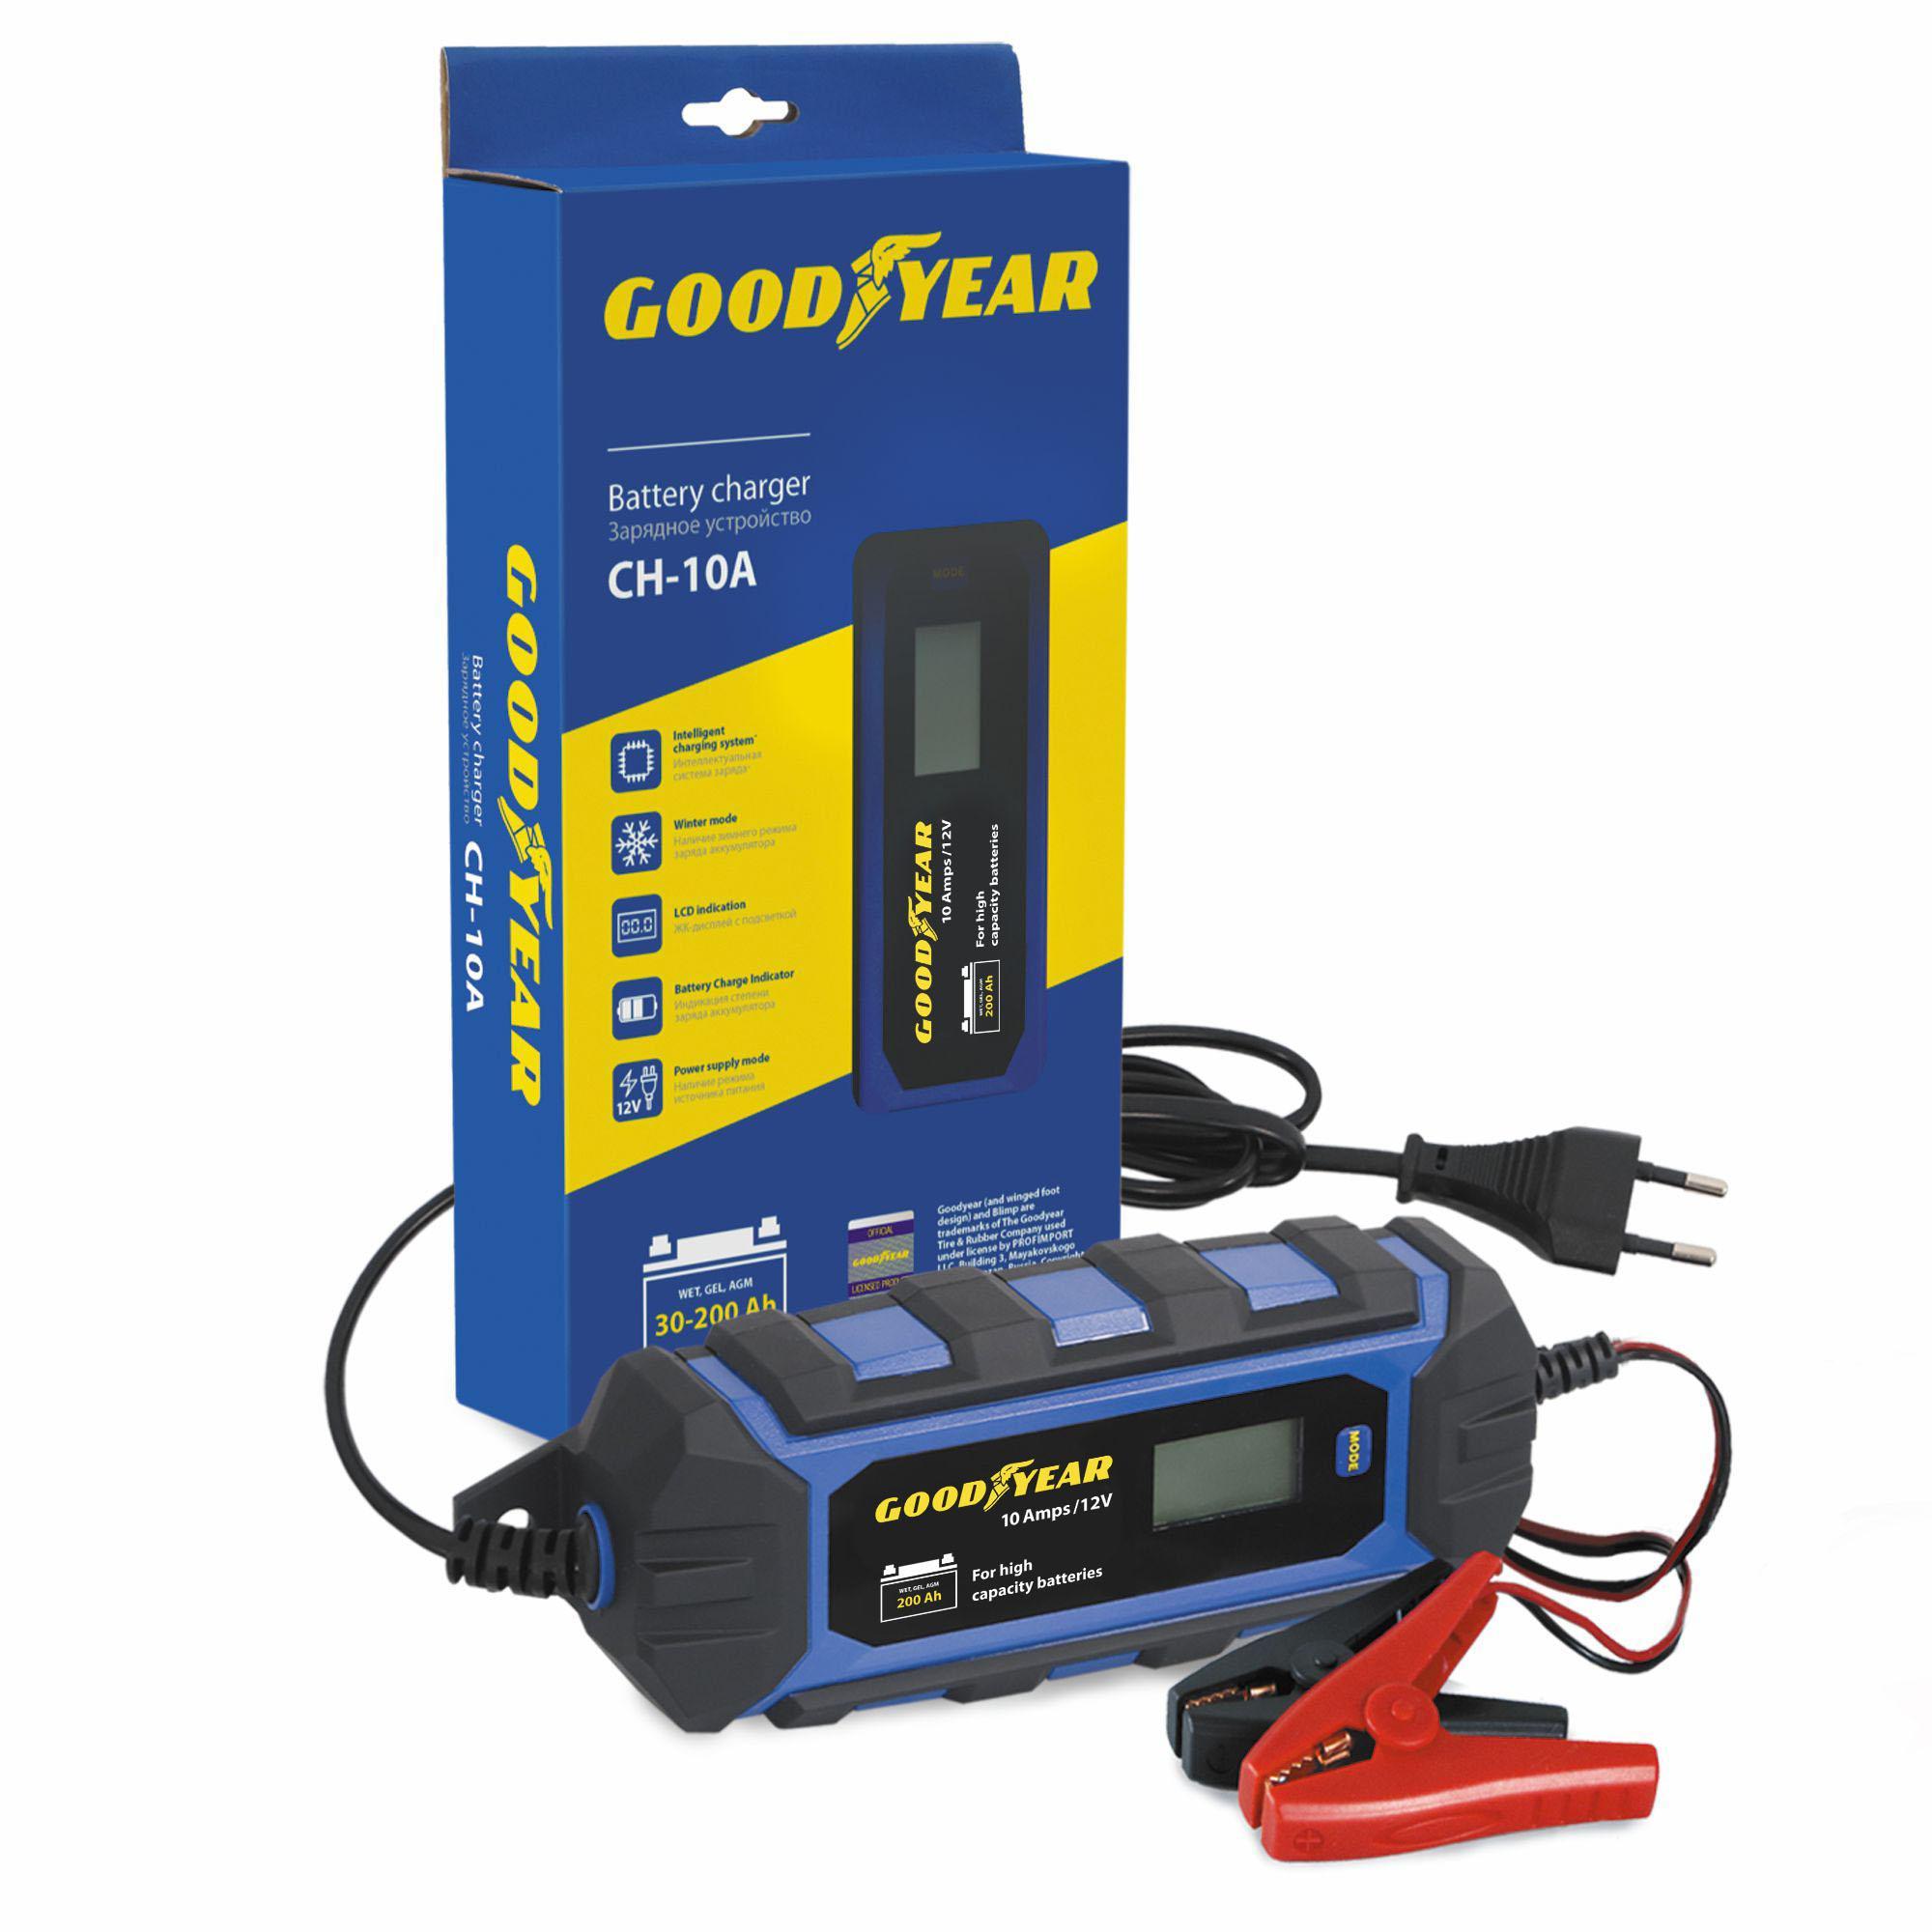 Зарядное устройство Goodyear Ch-10a (gy003003) зарядные устройства для электронных книг